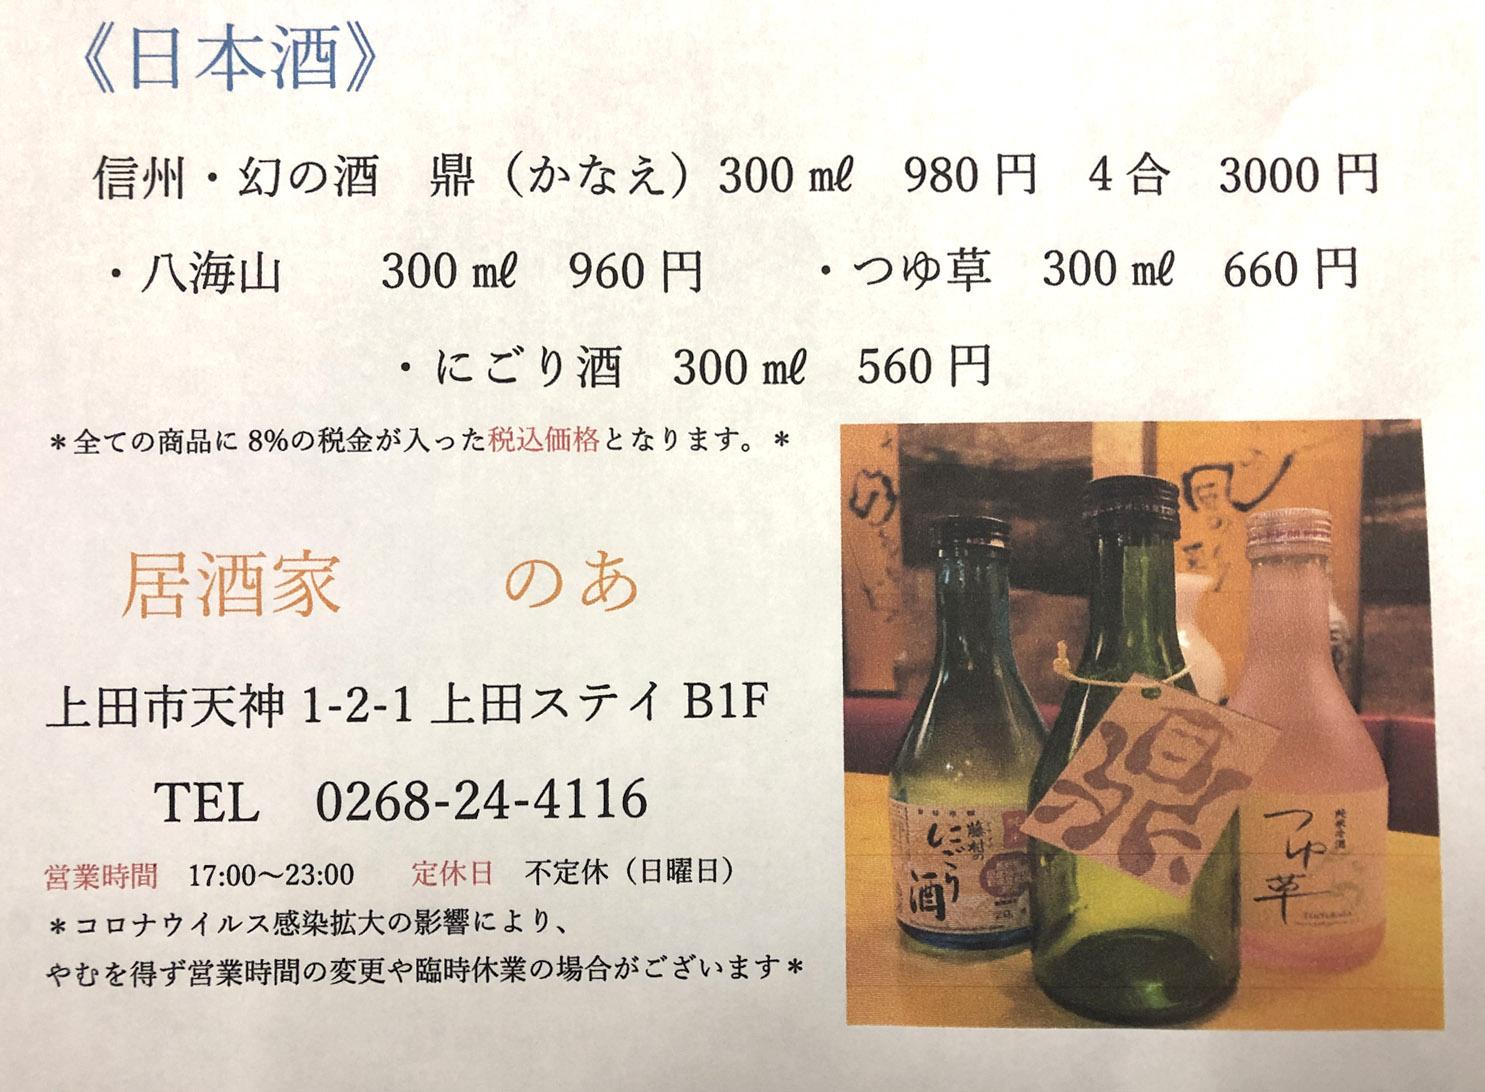 日本酒テイクアウト